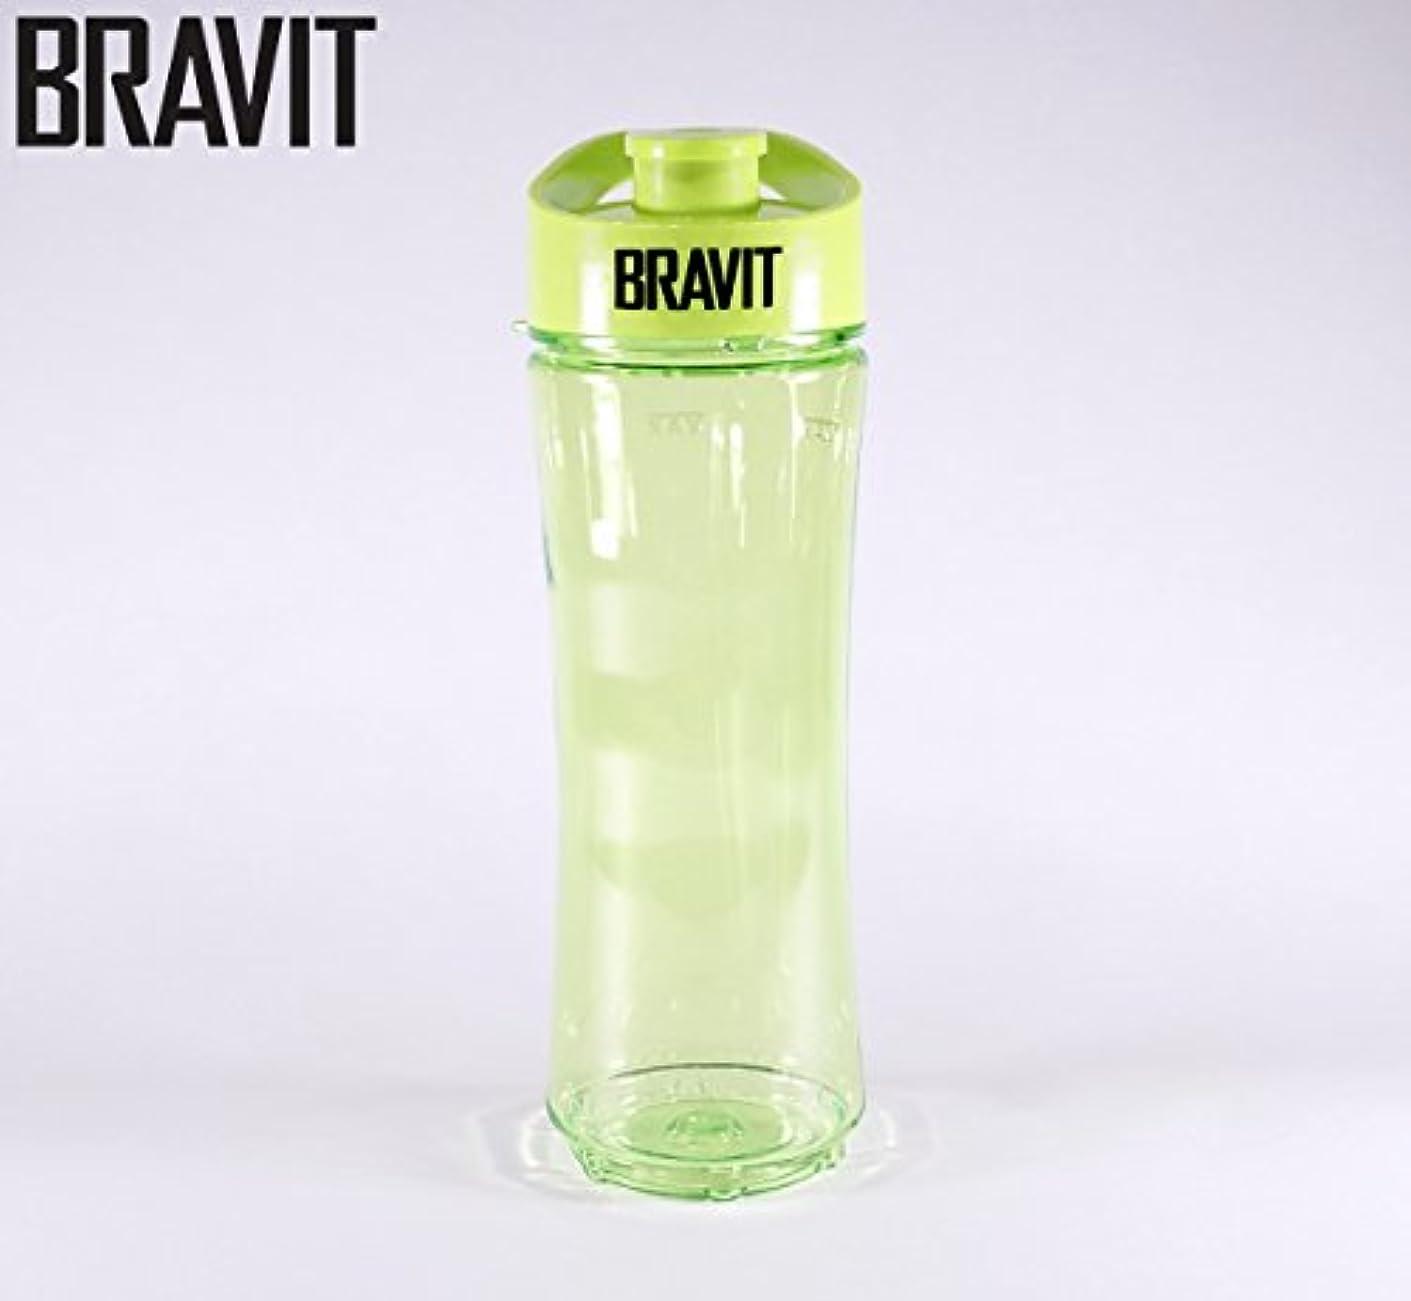 中央値リズム多用途BRAVIT Personal Sports Bottle, Smoothie, Shake Maker with Travel Lead for BRAVIT Personal Sports Blender by BRAVIT